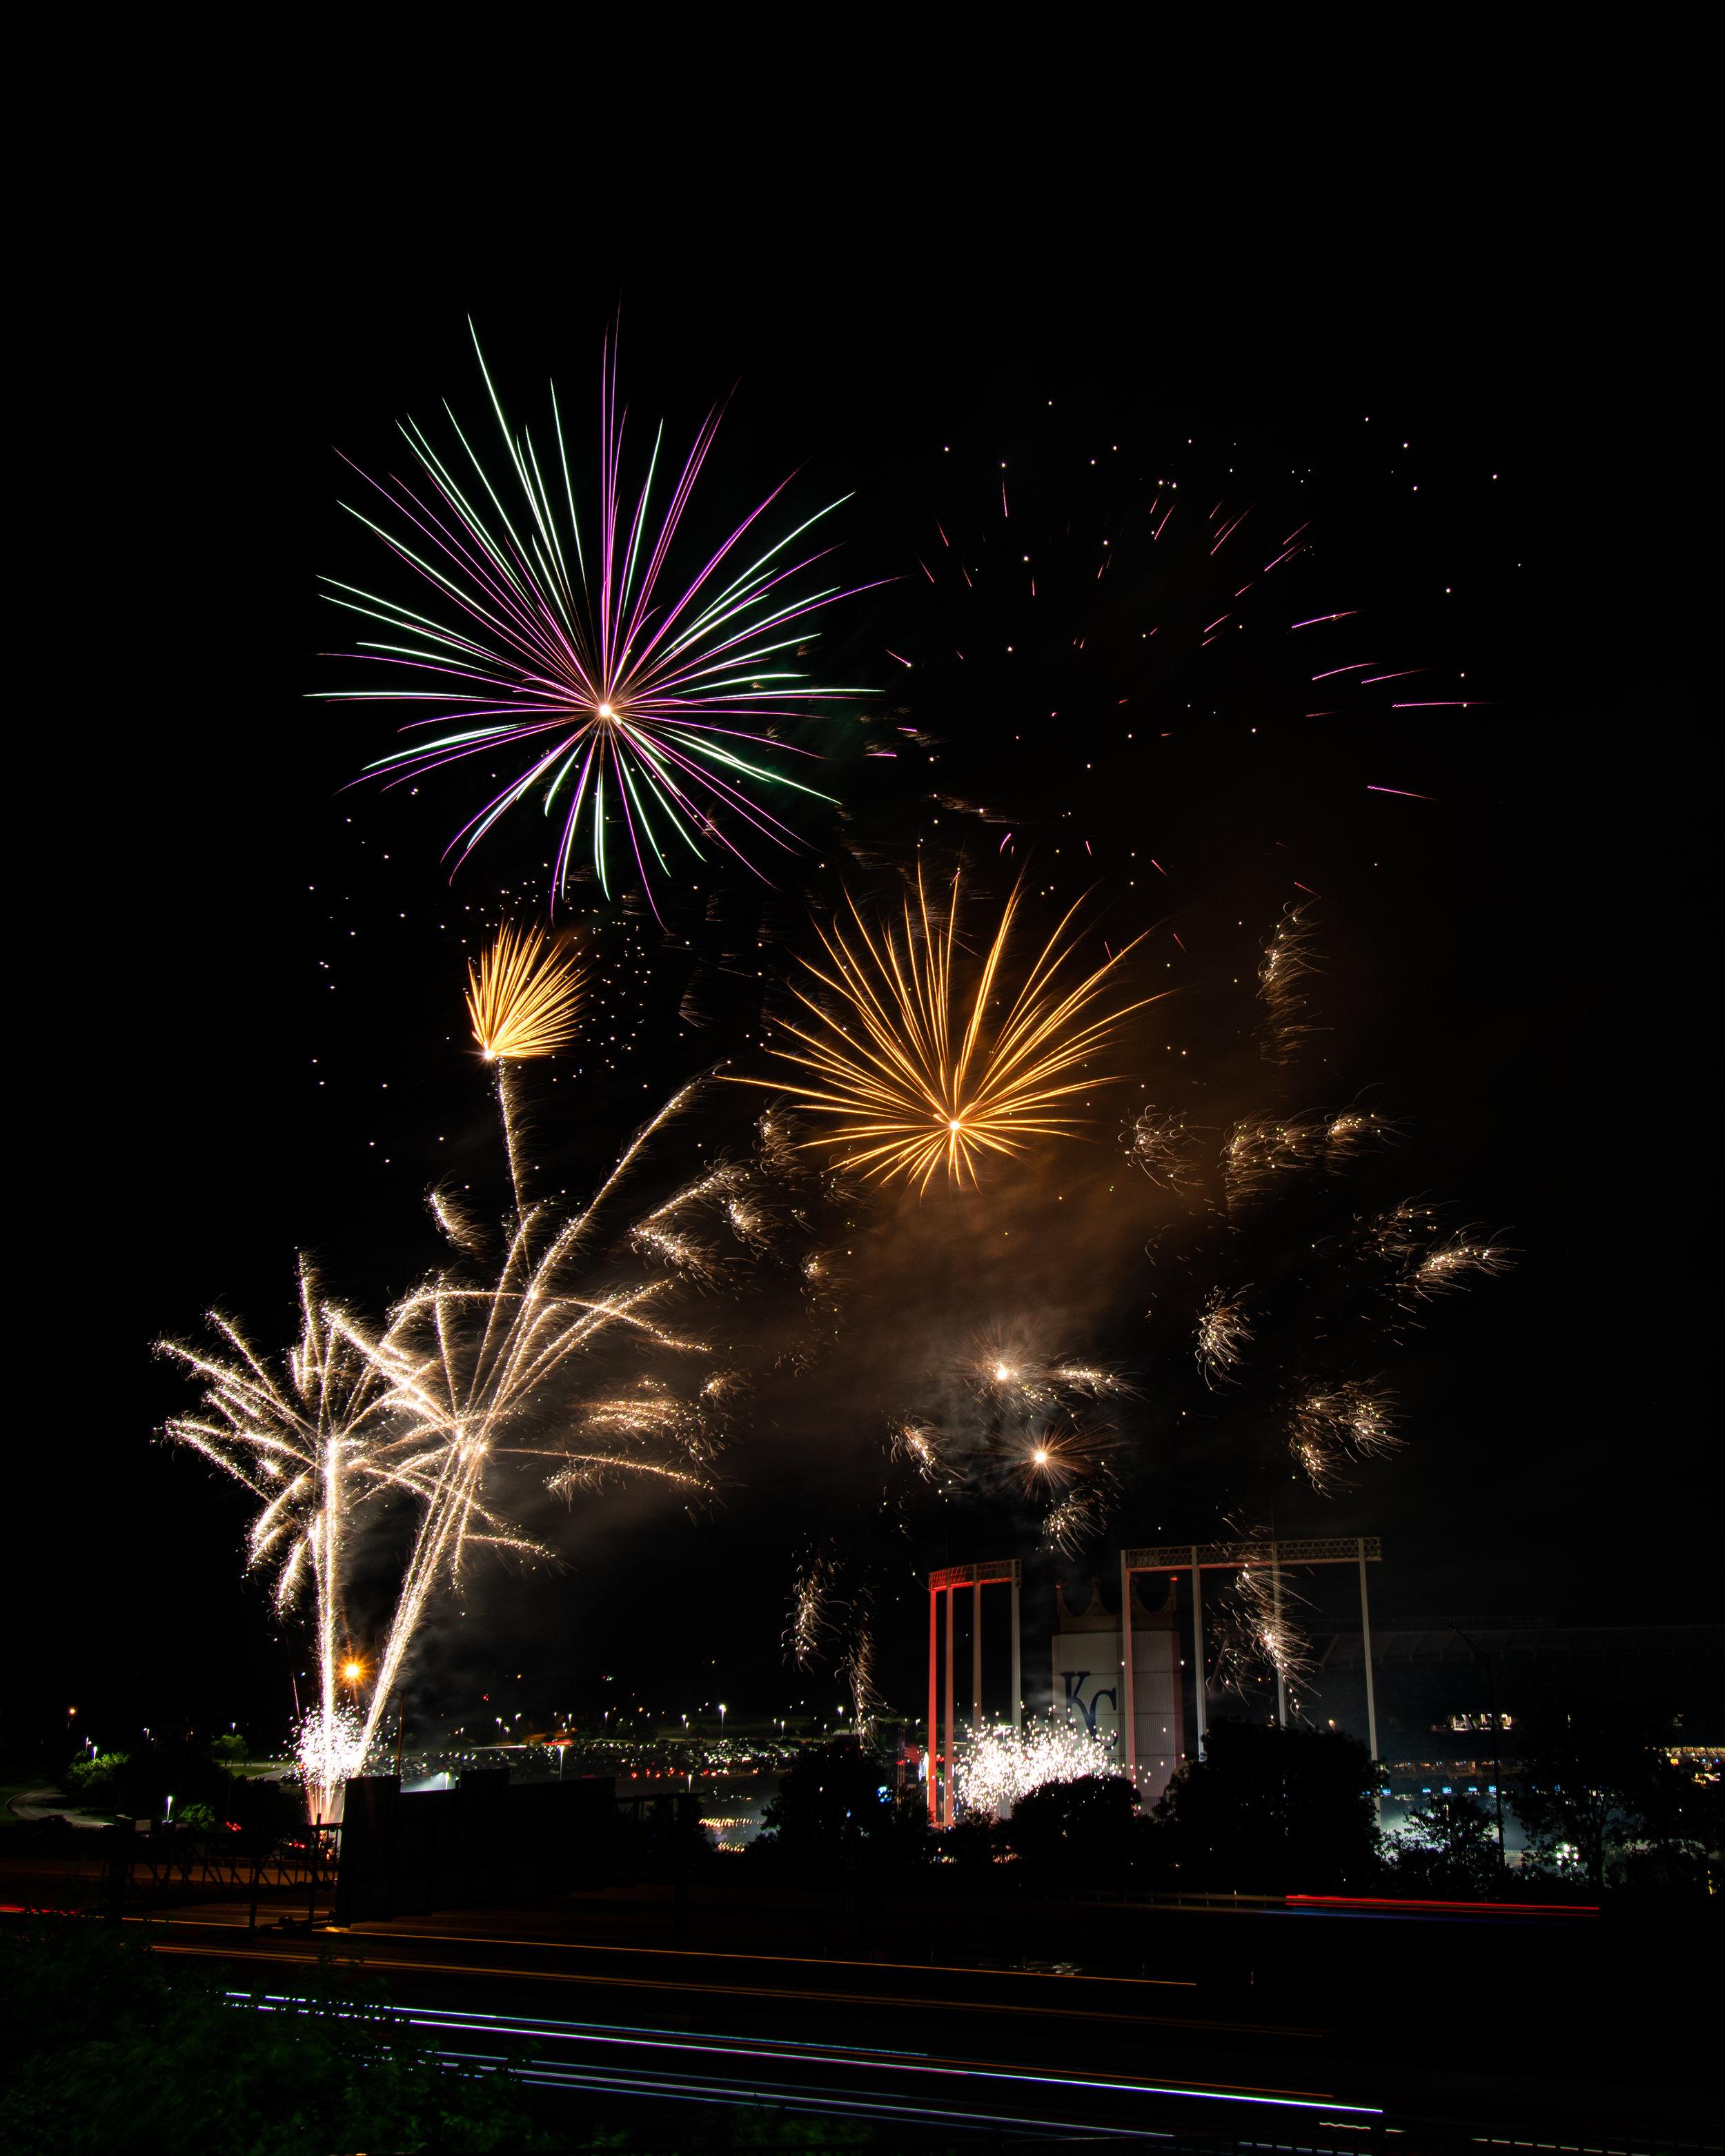 firework-friday-37-of-51_48108386637_o.jpg